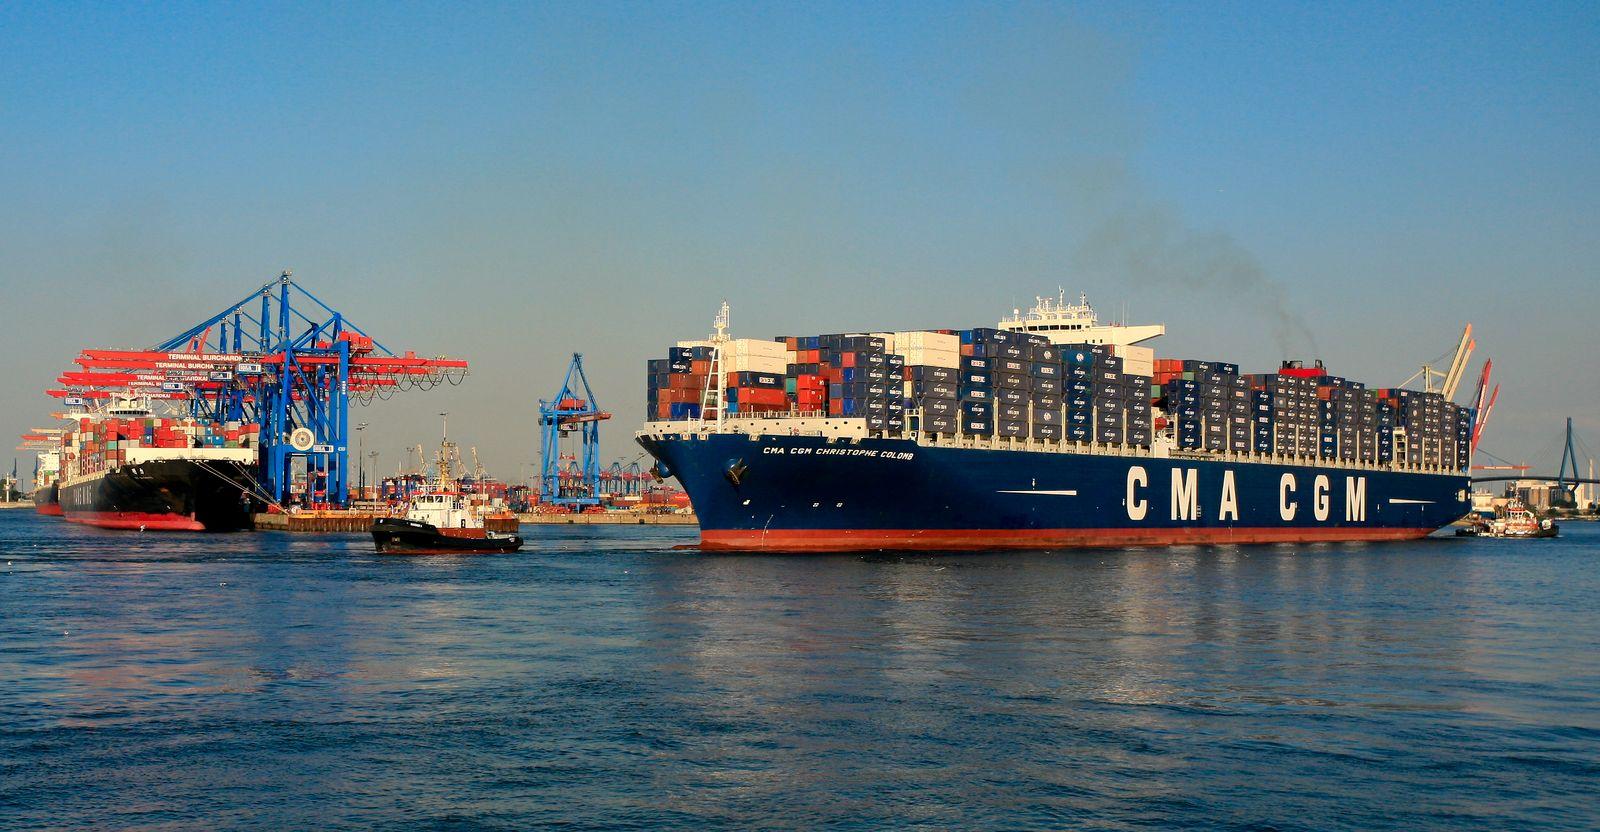 NICHT VERWENDEN Containerschiff / Christophe Colomb